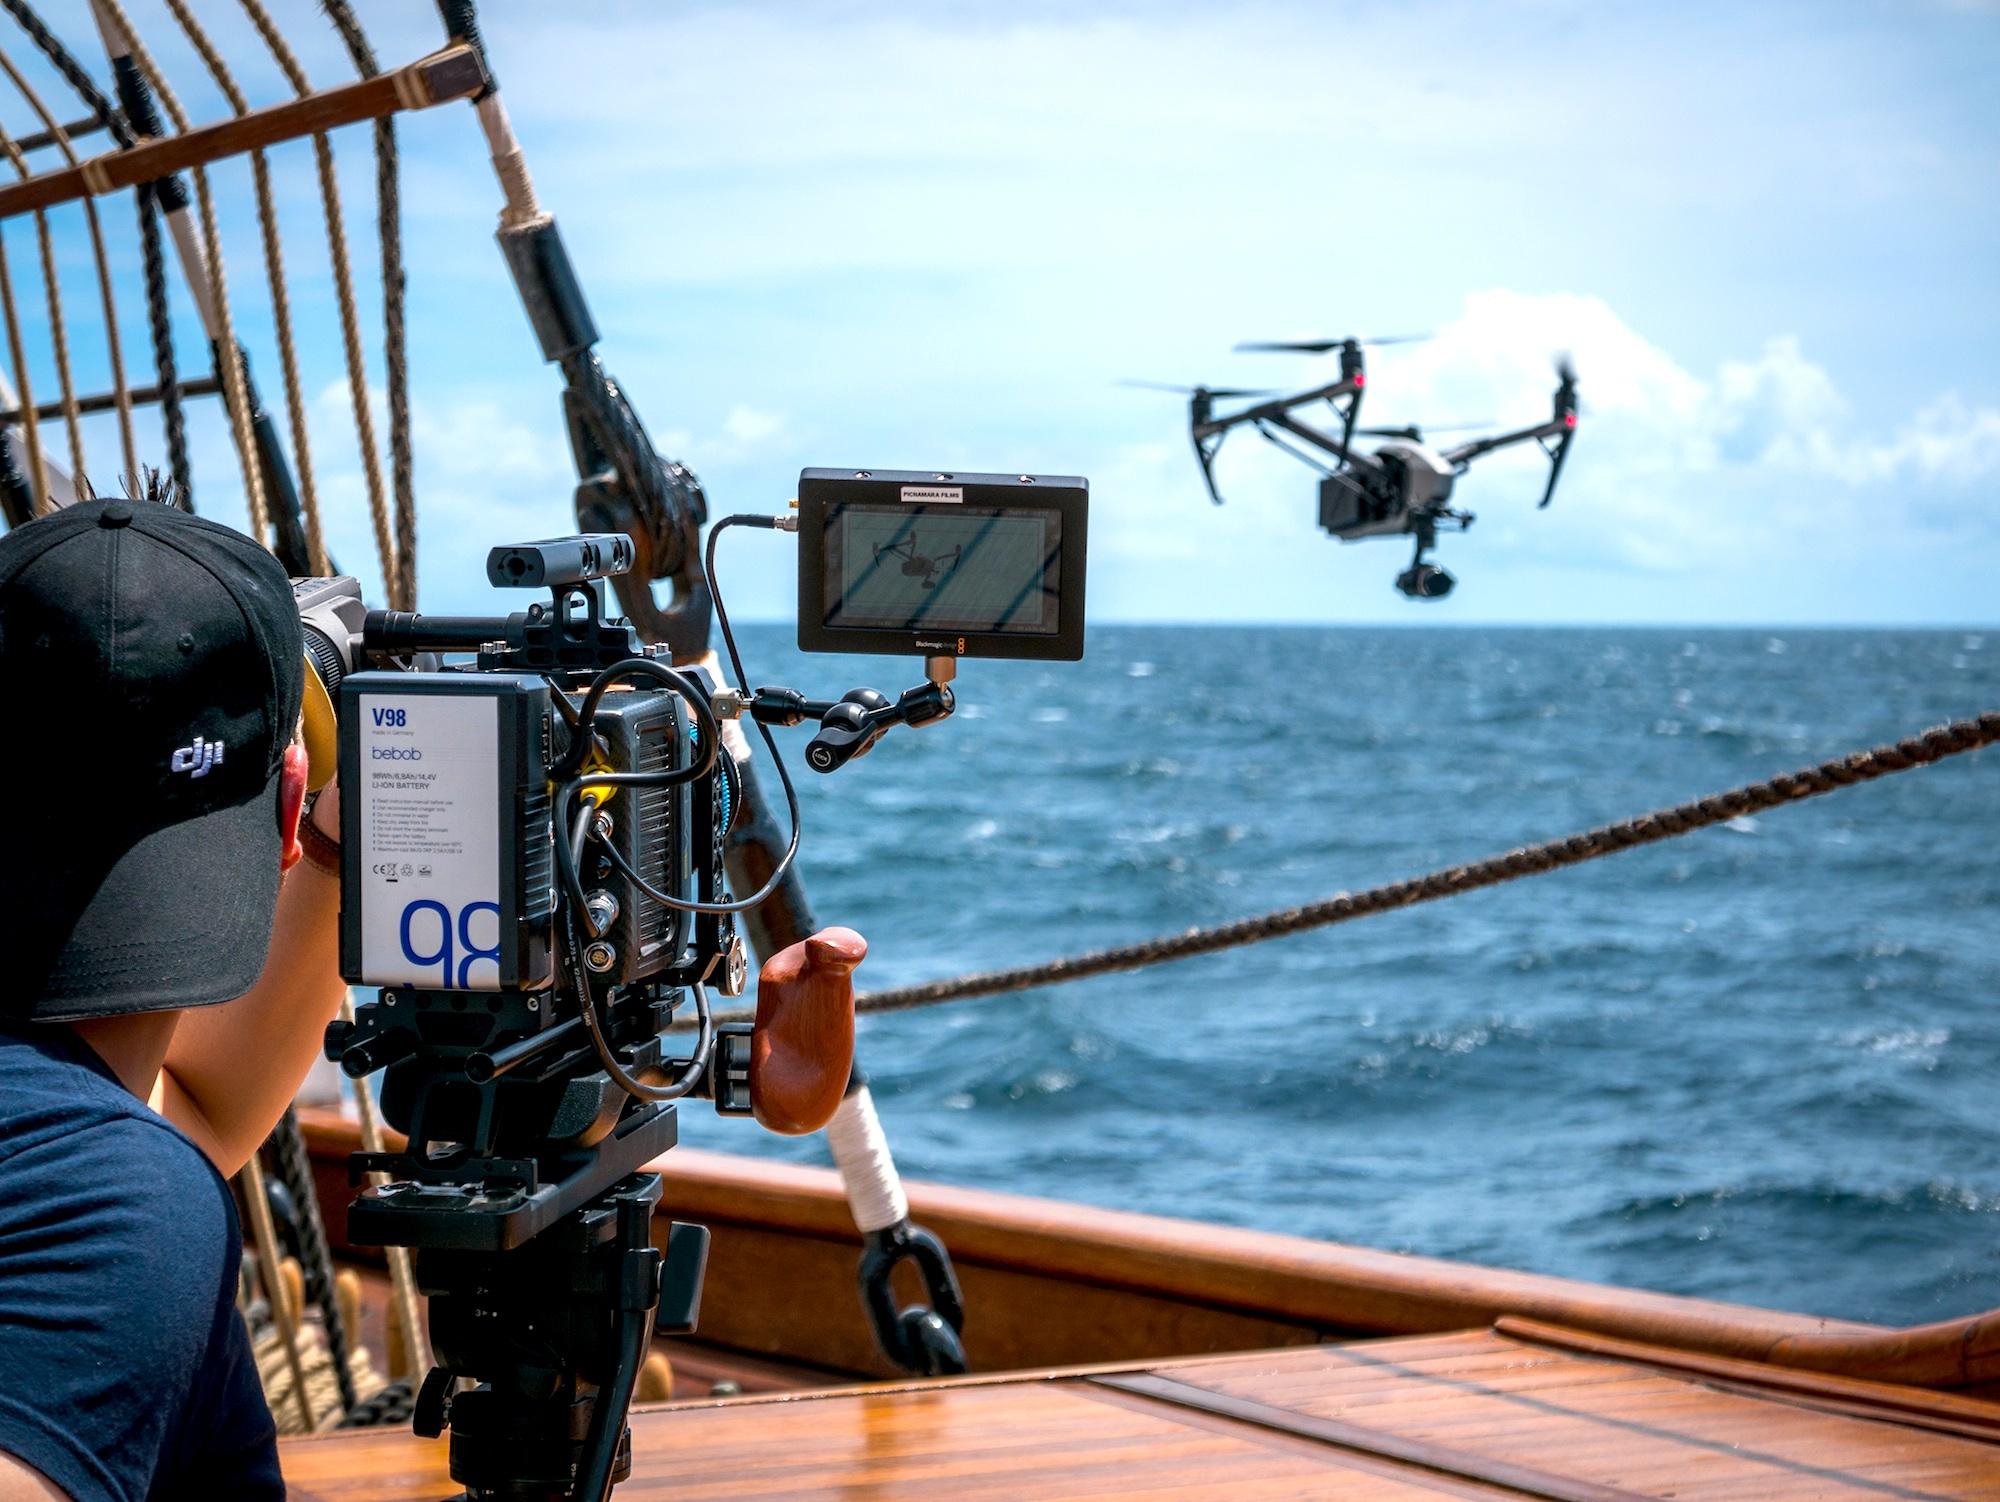 Urlaubsfeeling pur... Unsere V98 Akkus mit DJI in der Karibik